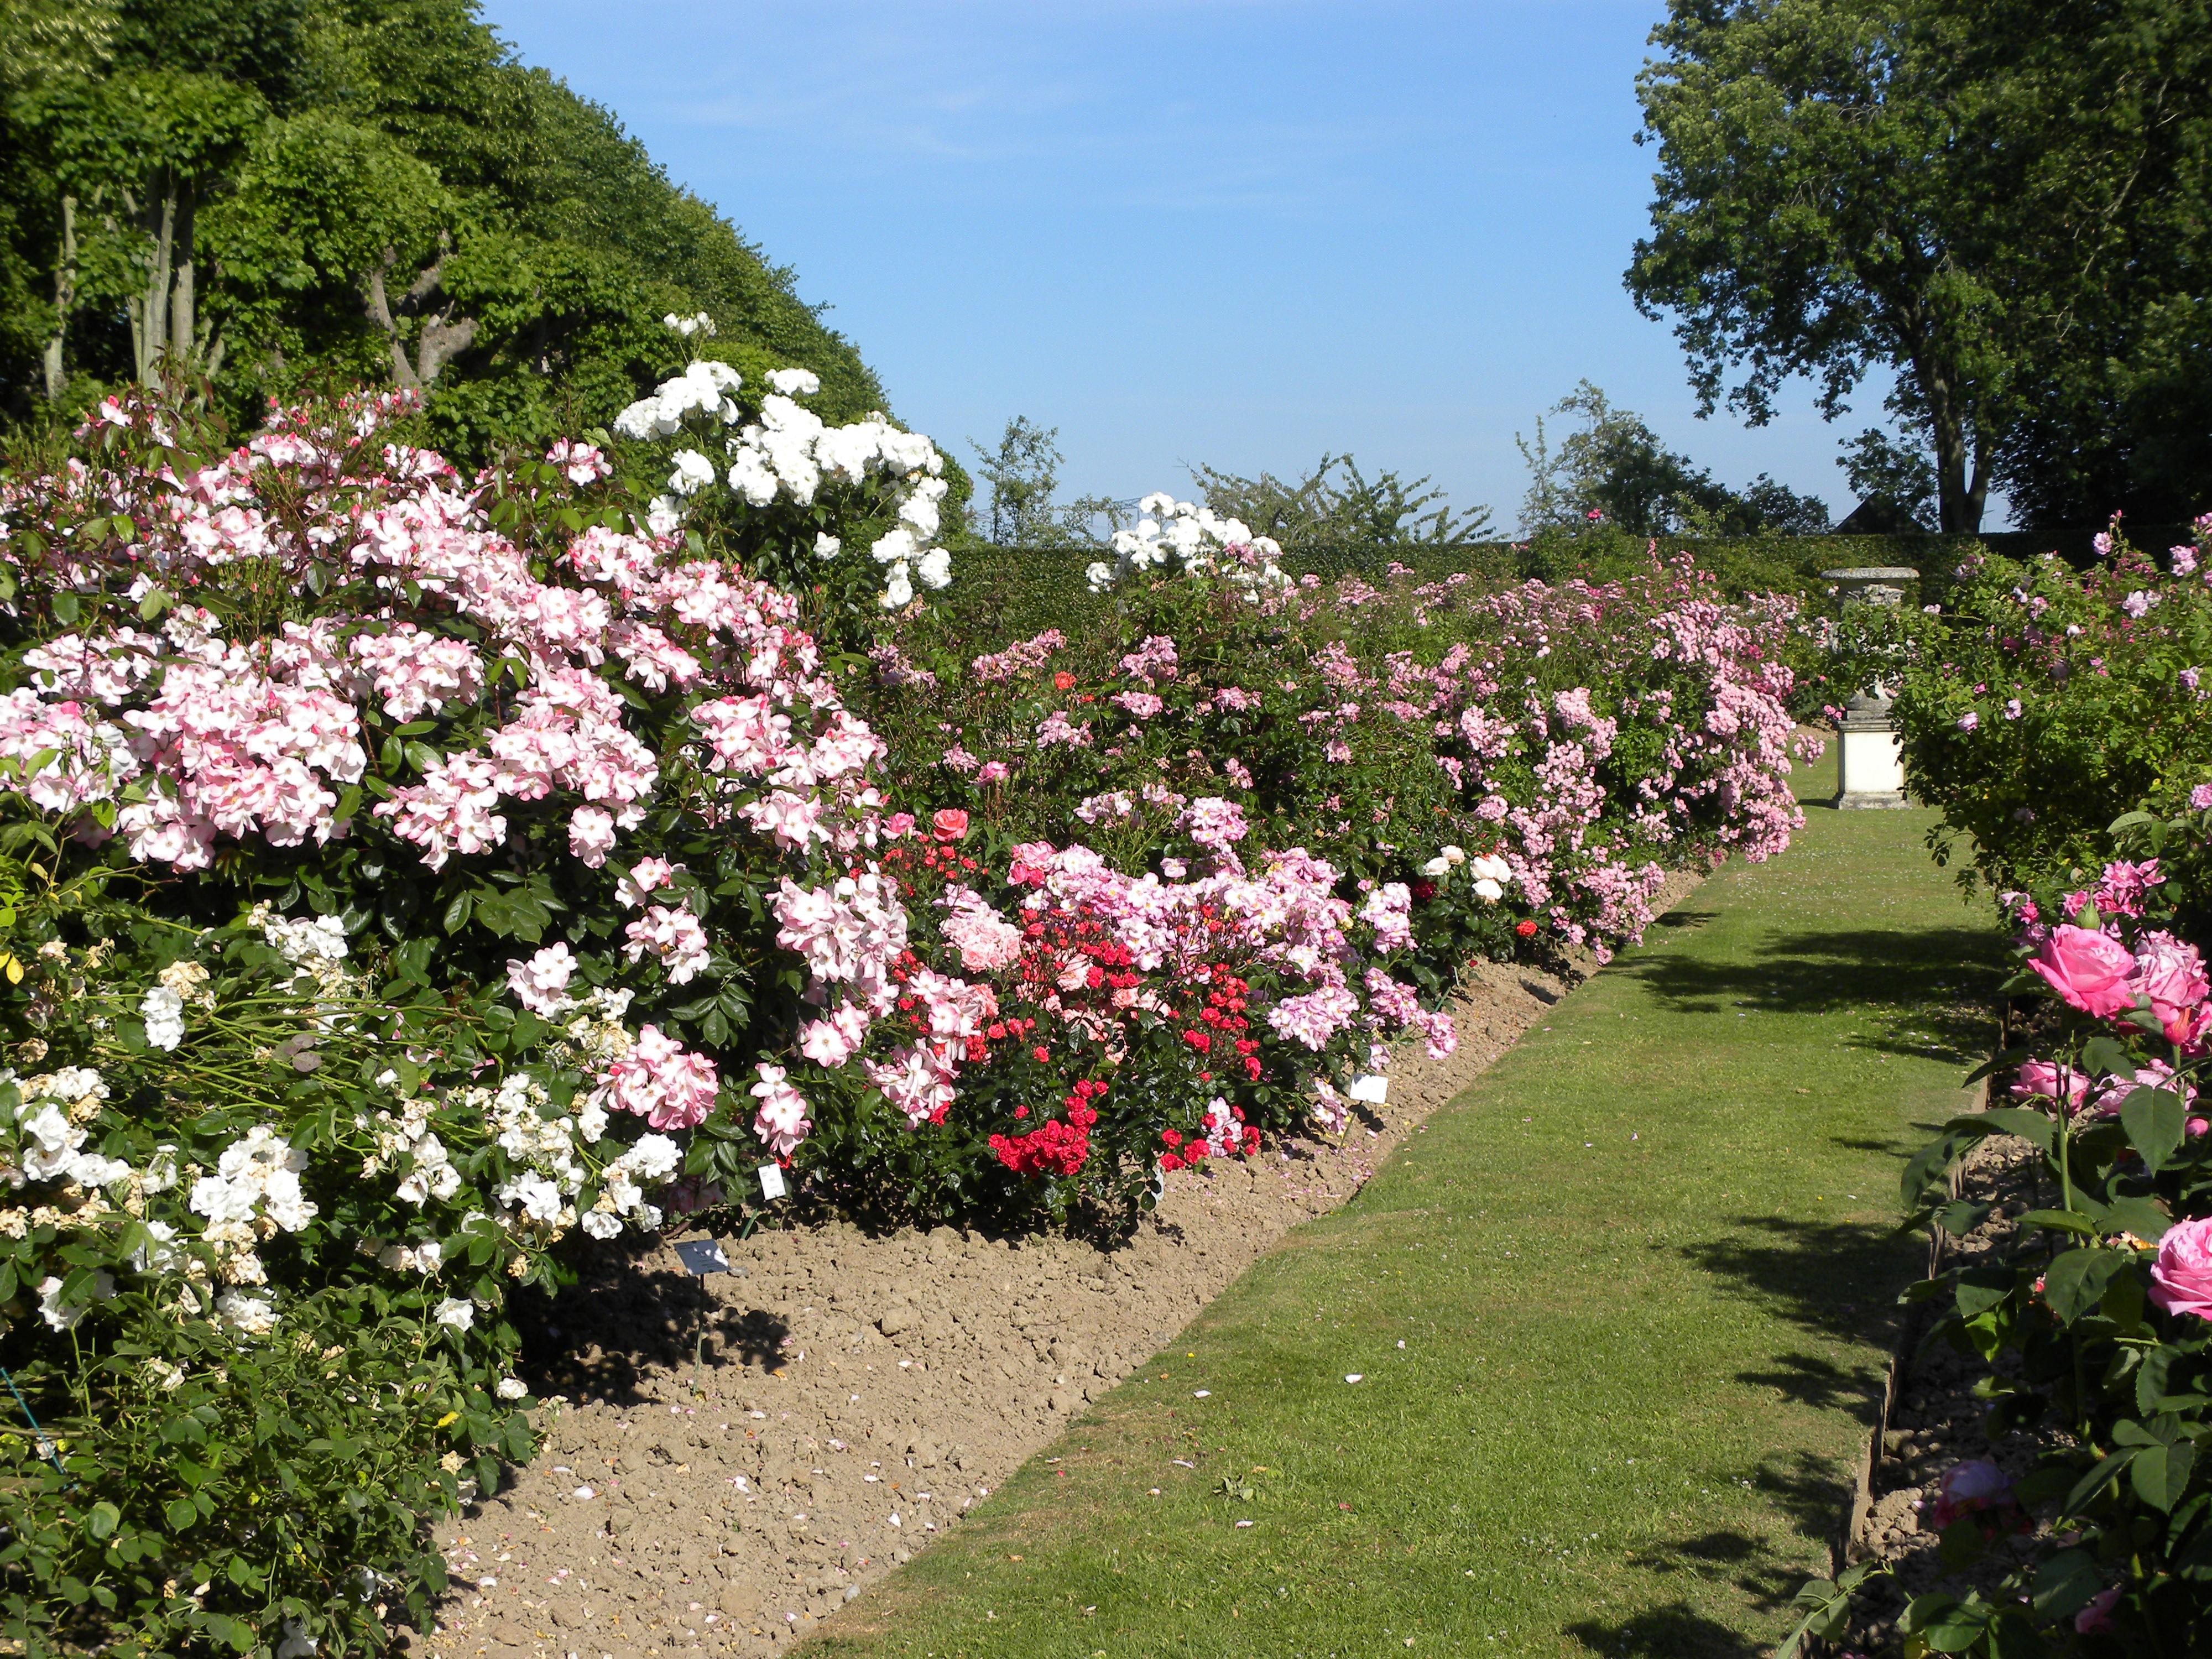 Plusieurs roseraies ponctuent le parc